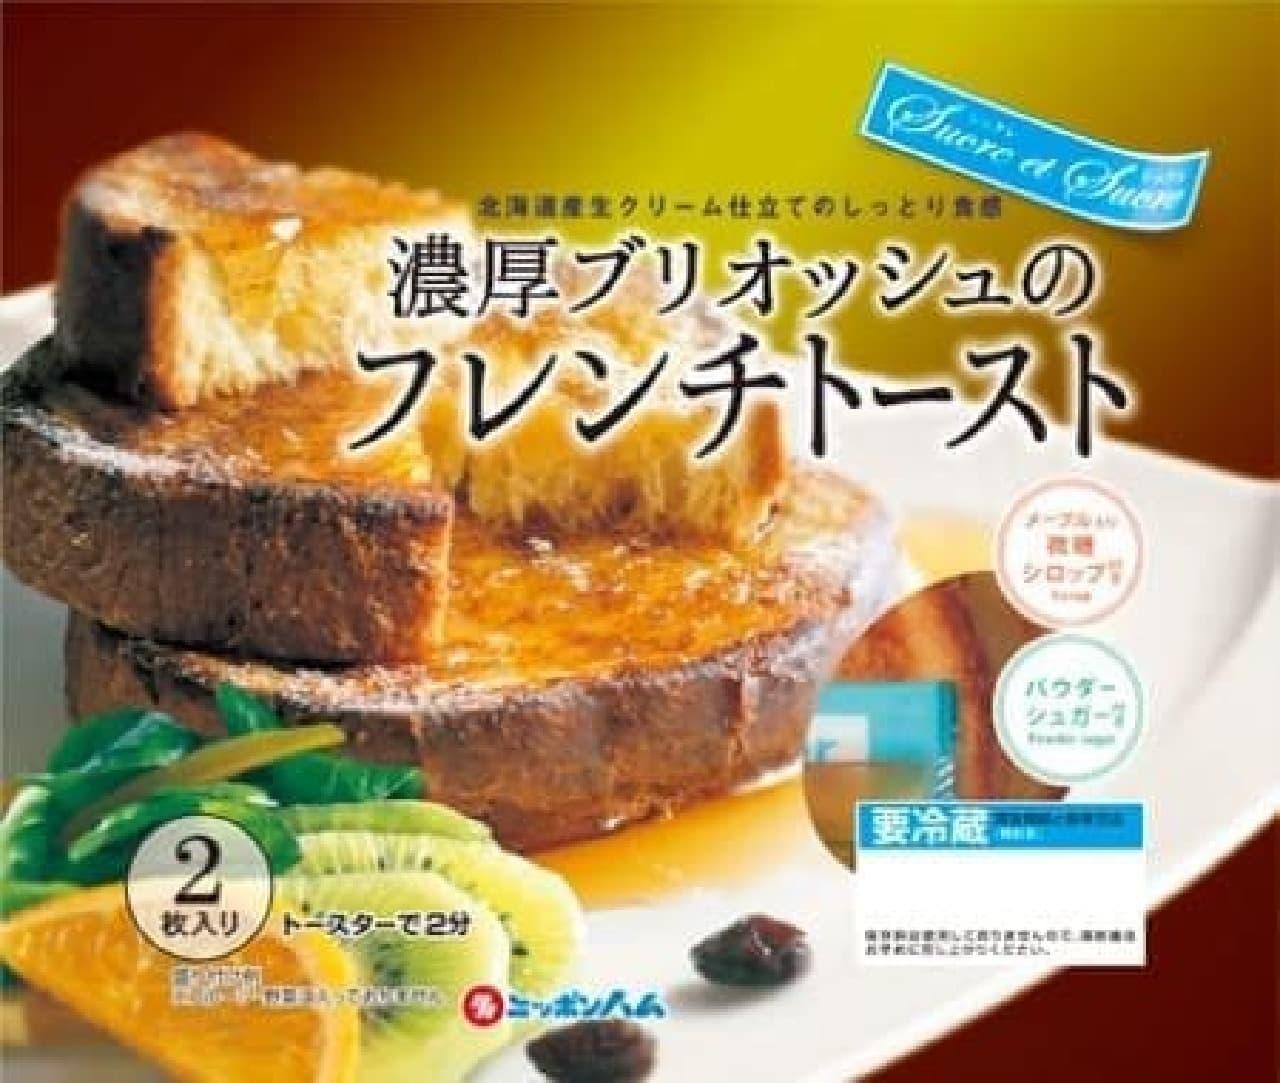 トースター2分で、本格フレンチトーストが味わえる!